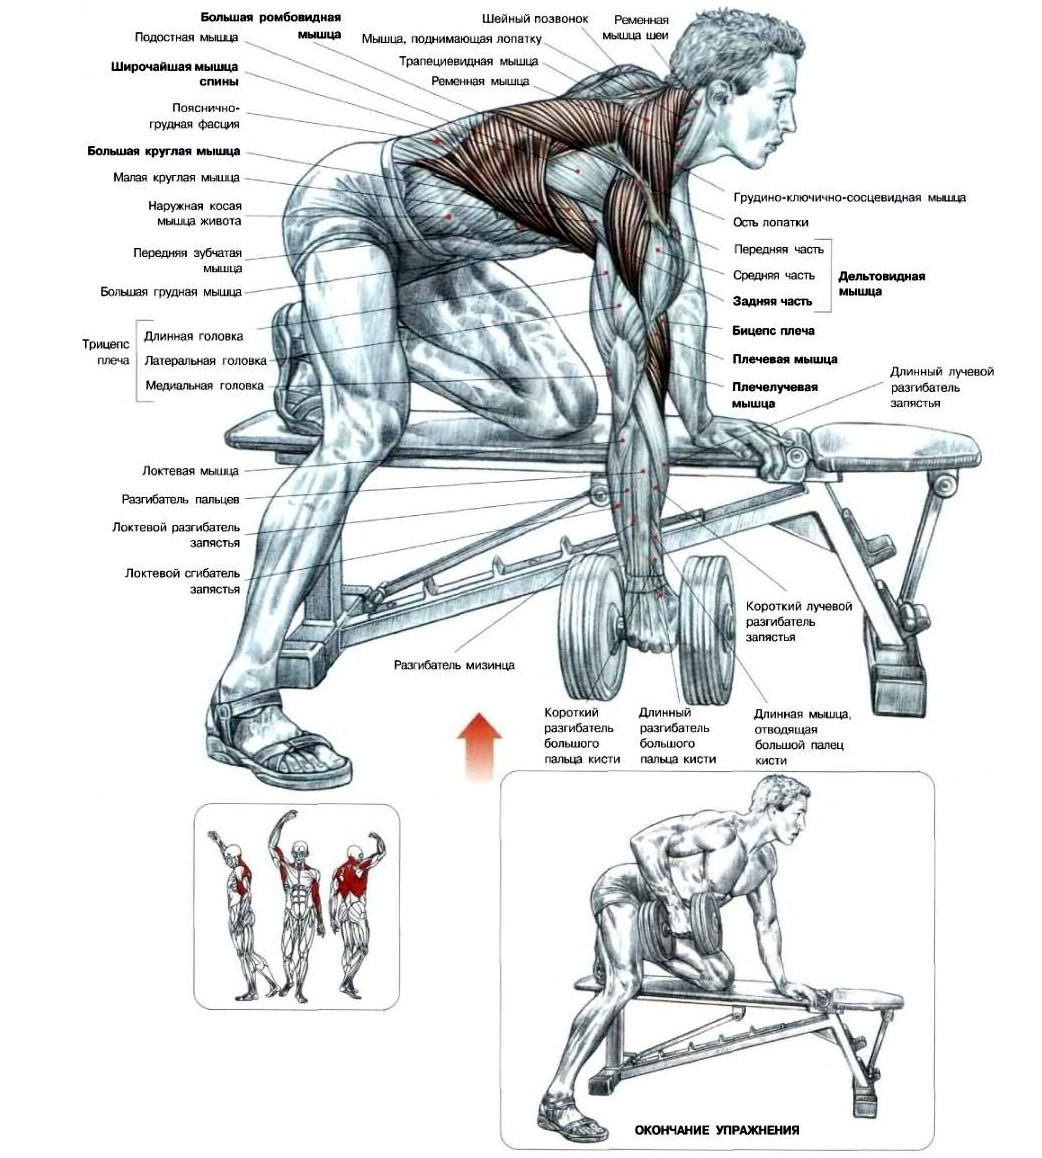 Анатомия тяги гантелей